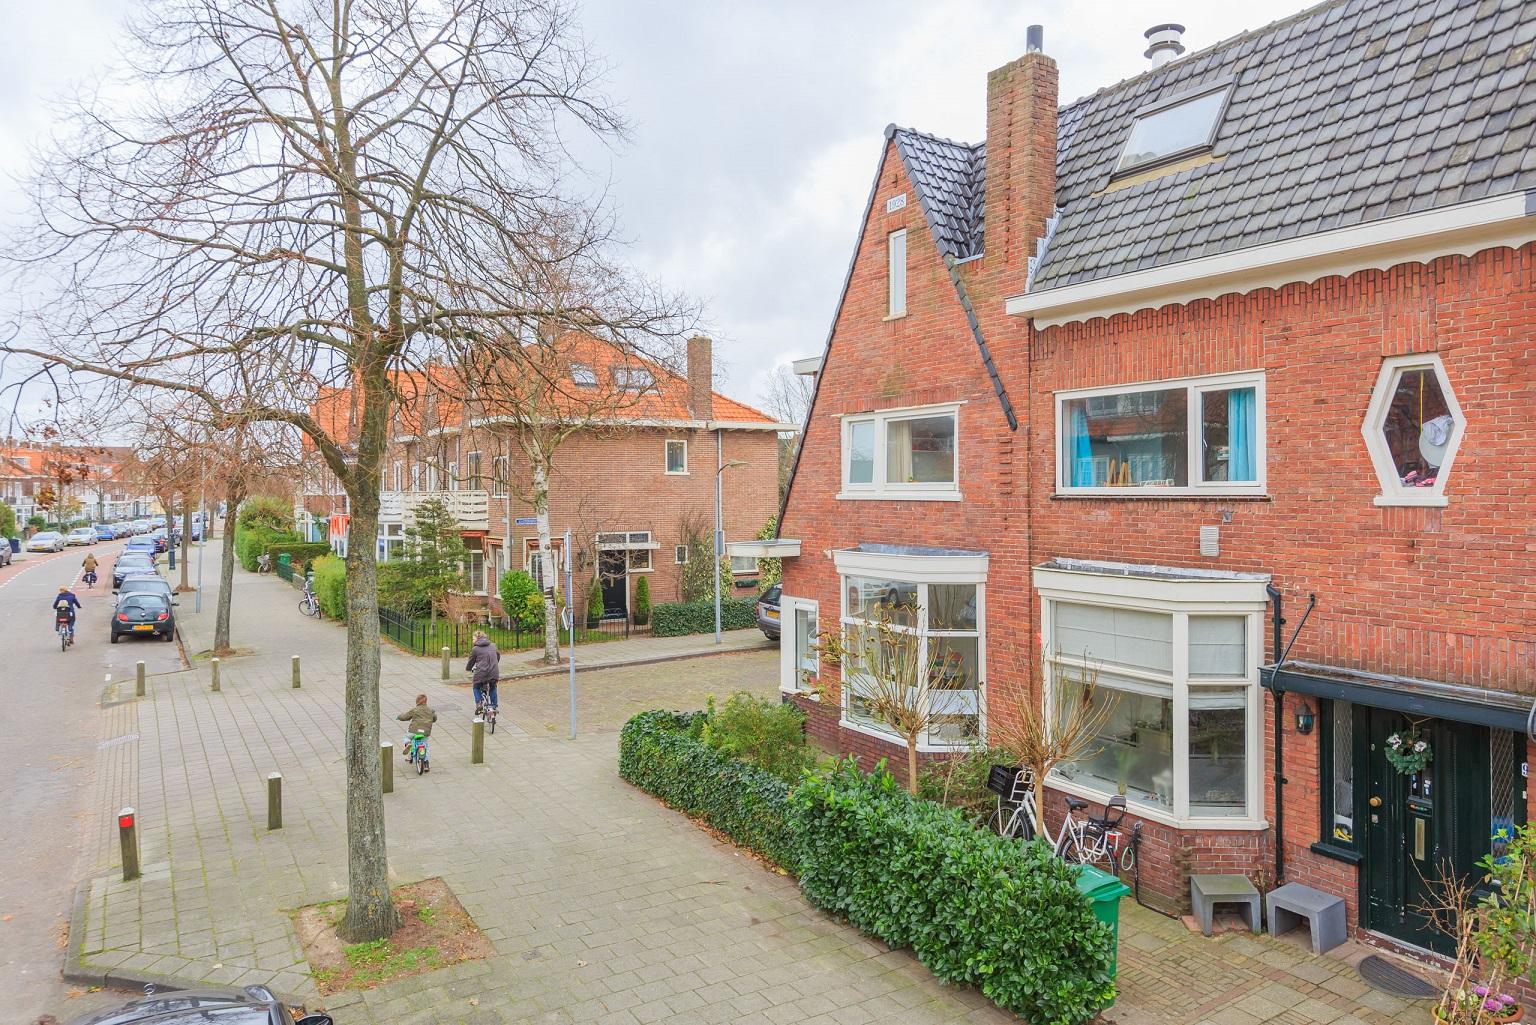 Schoterveenstraat, Haarlem